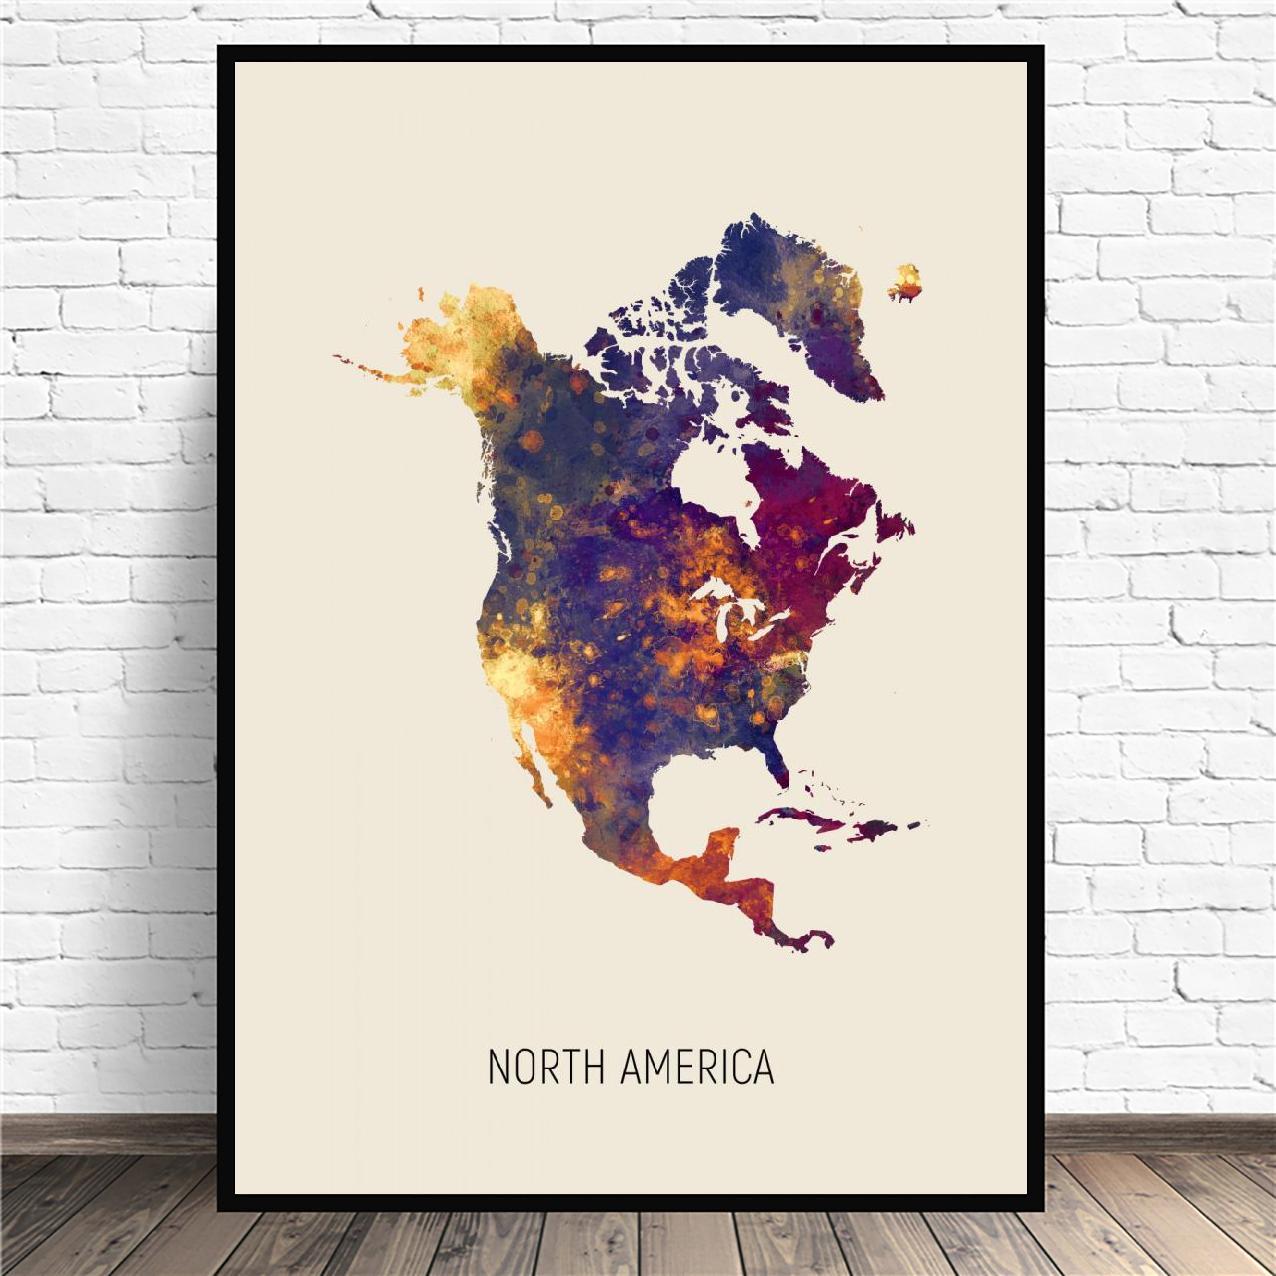 Mapa da aguarela américa do norte arte lona poster imprime casa decoração da parede pintura